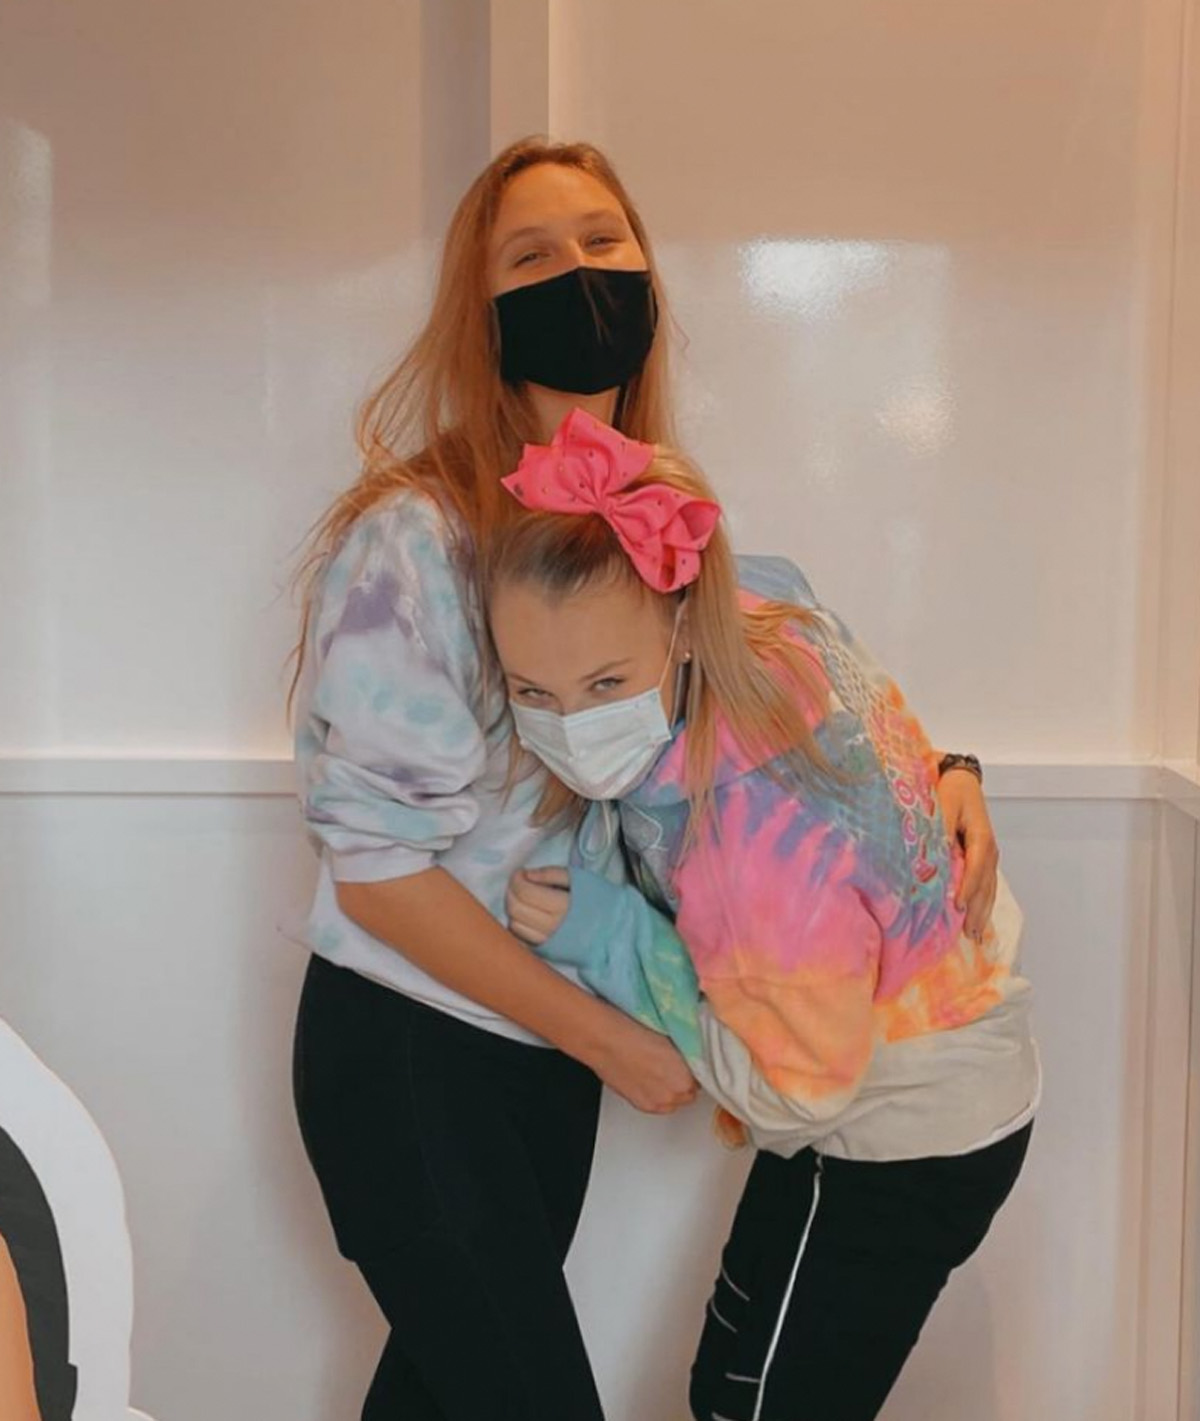 Kylie og JoJo (Instagram/itsjojosiwa)